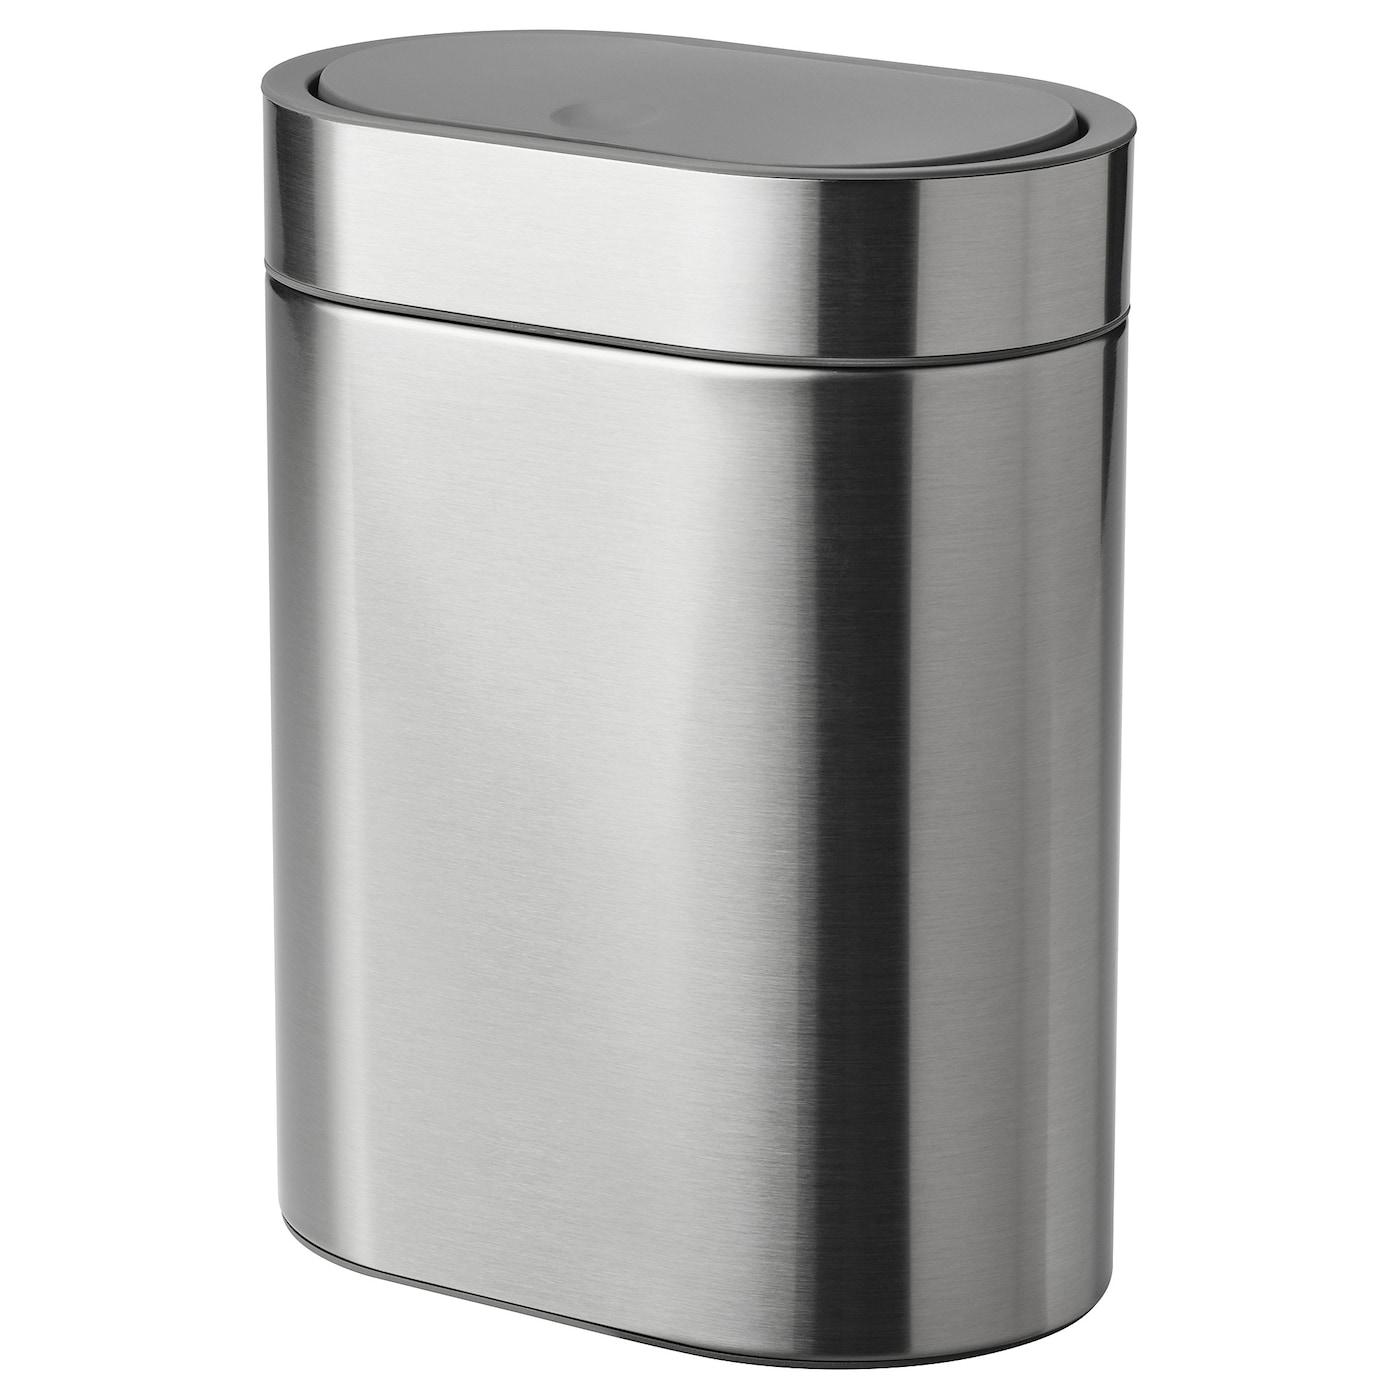 BROGRUND Touch top bin - stainless steel 8 l